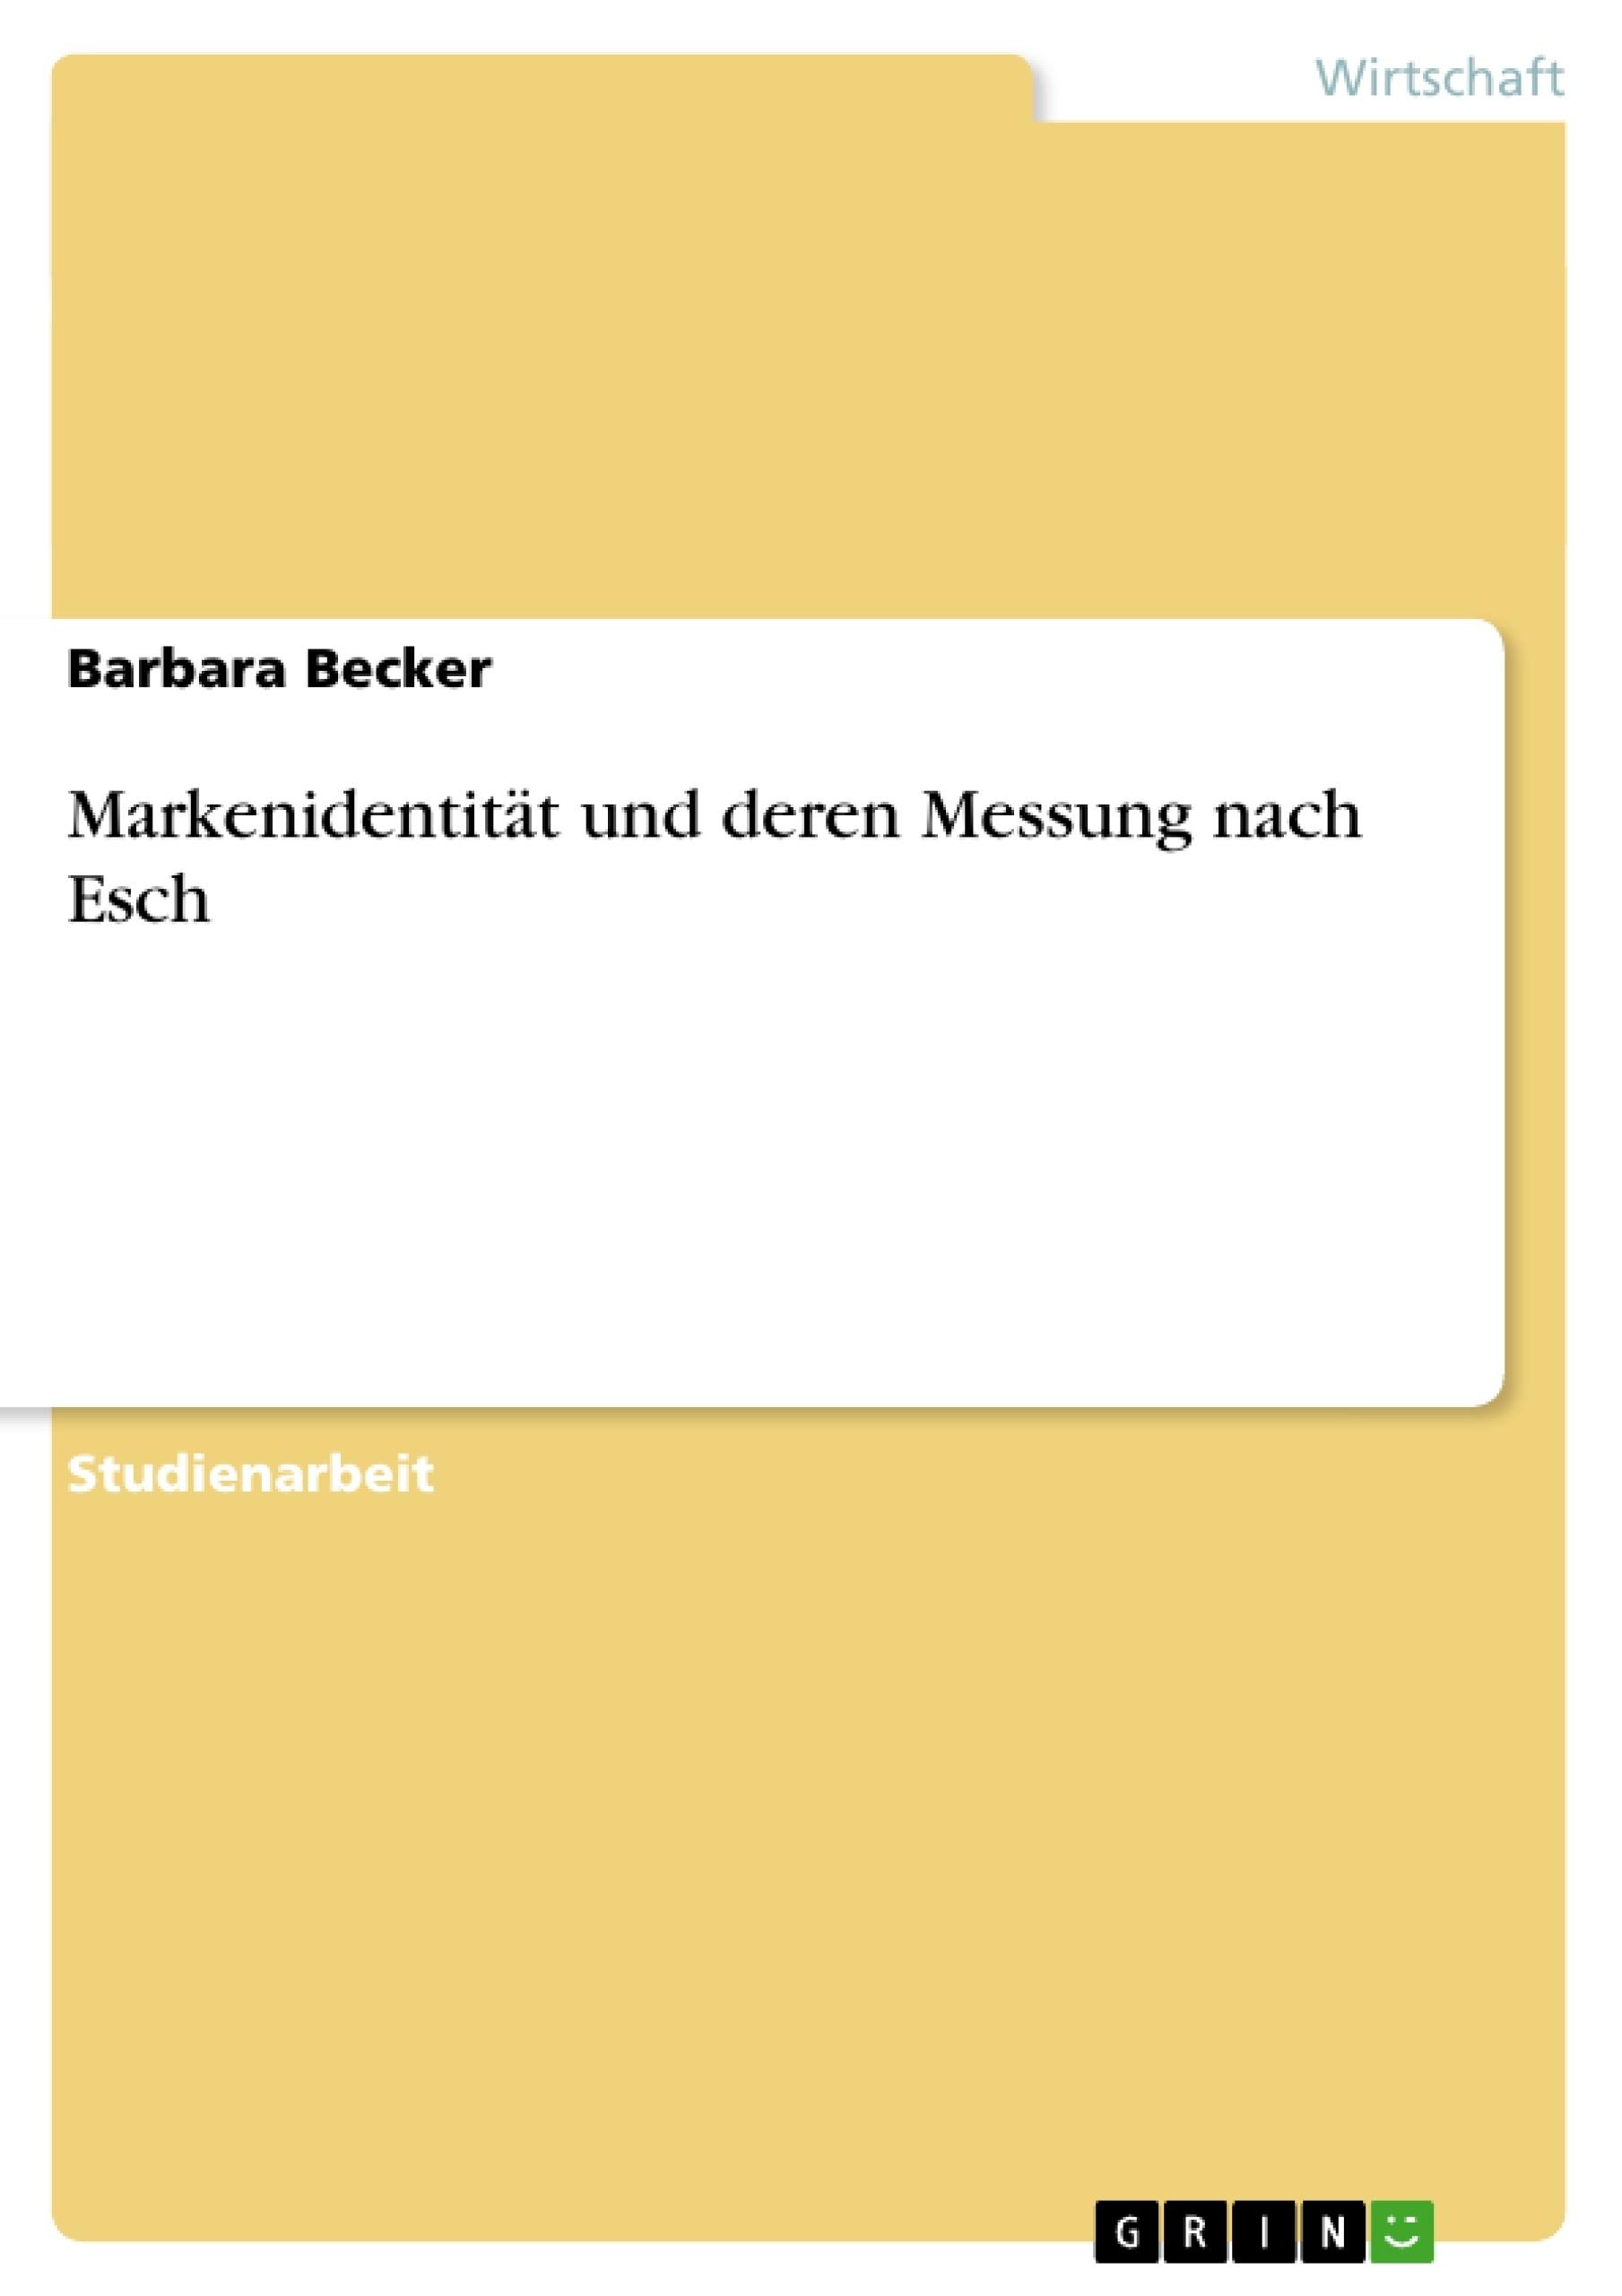 Titel: Markenidentität und deren Messung nach Esch